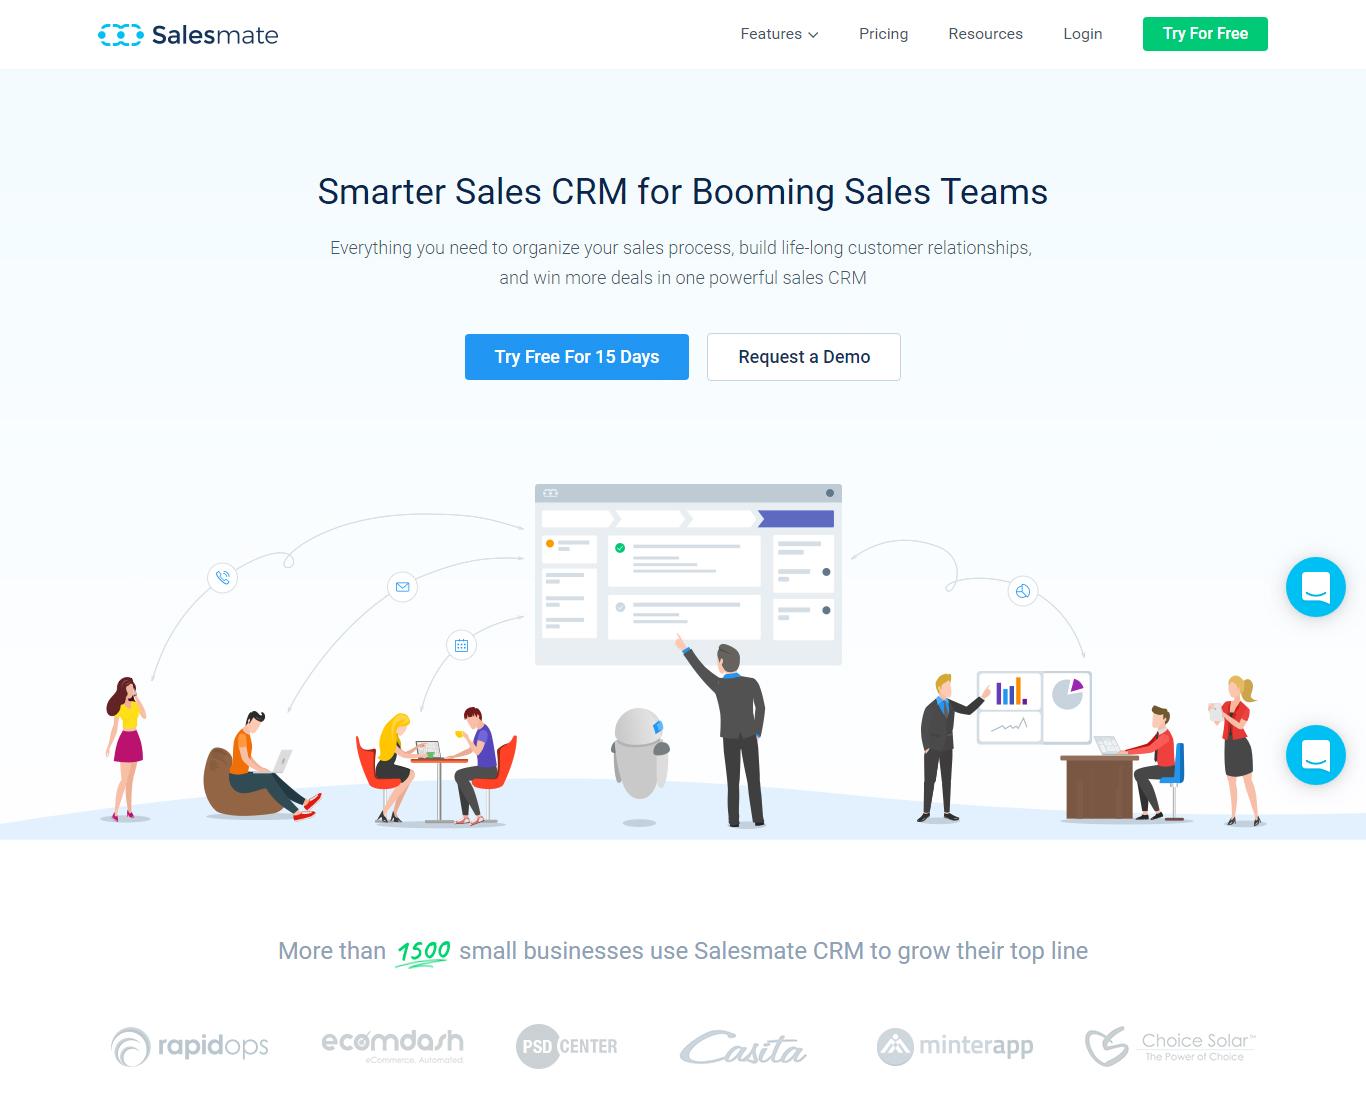 Salesmate